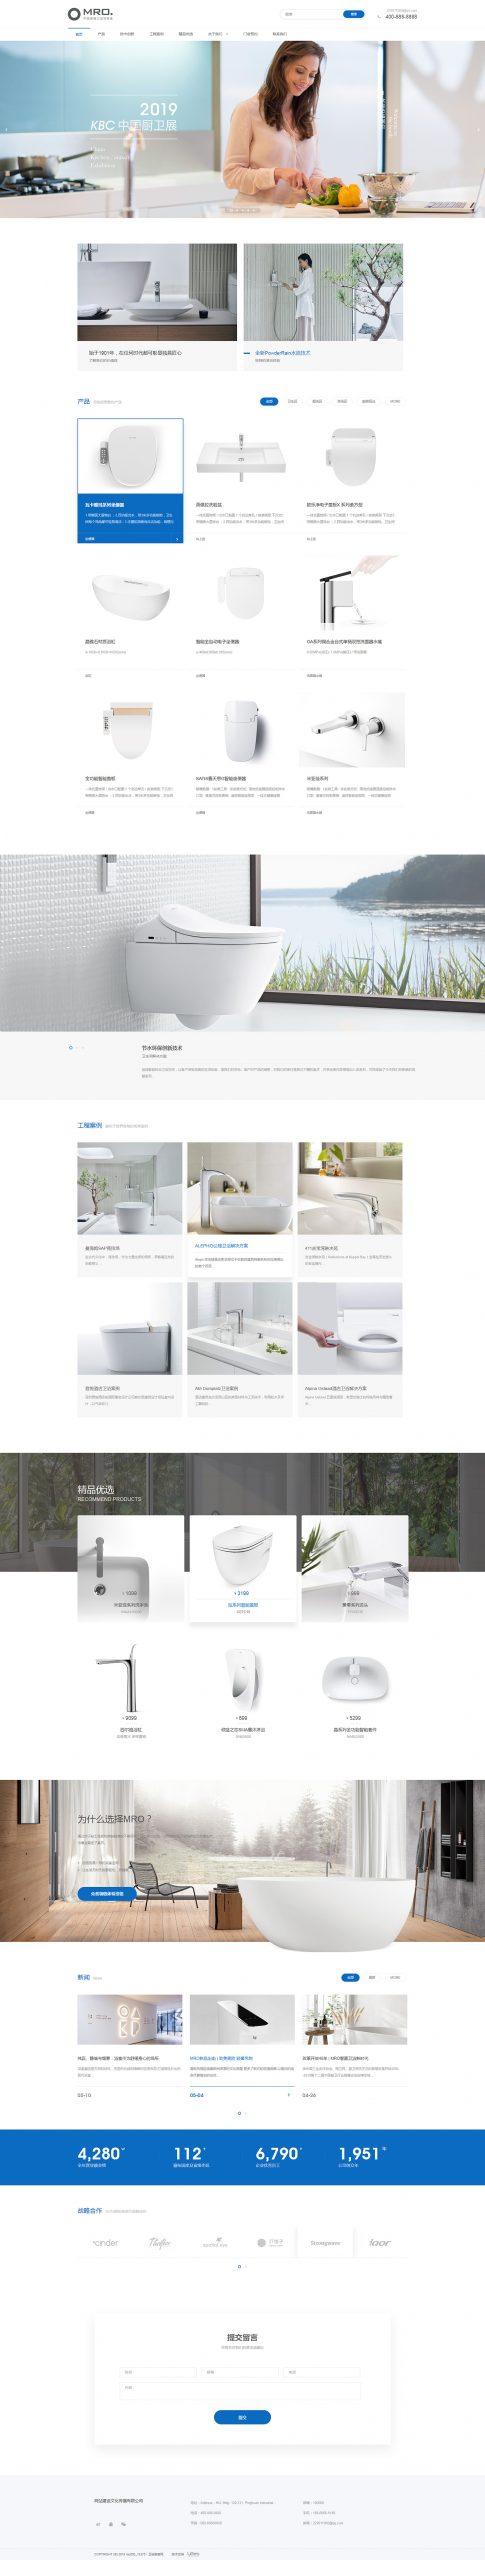 卫浴品牌网站模板